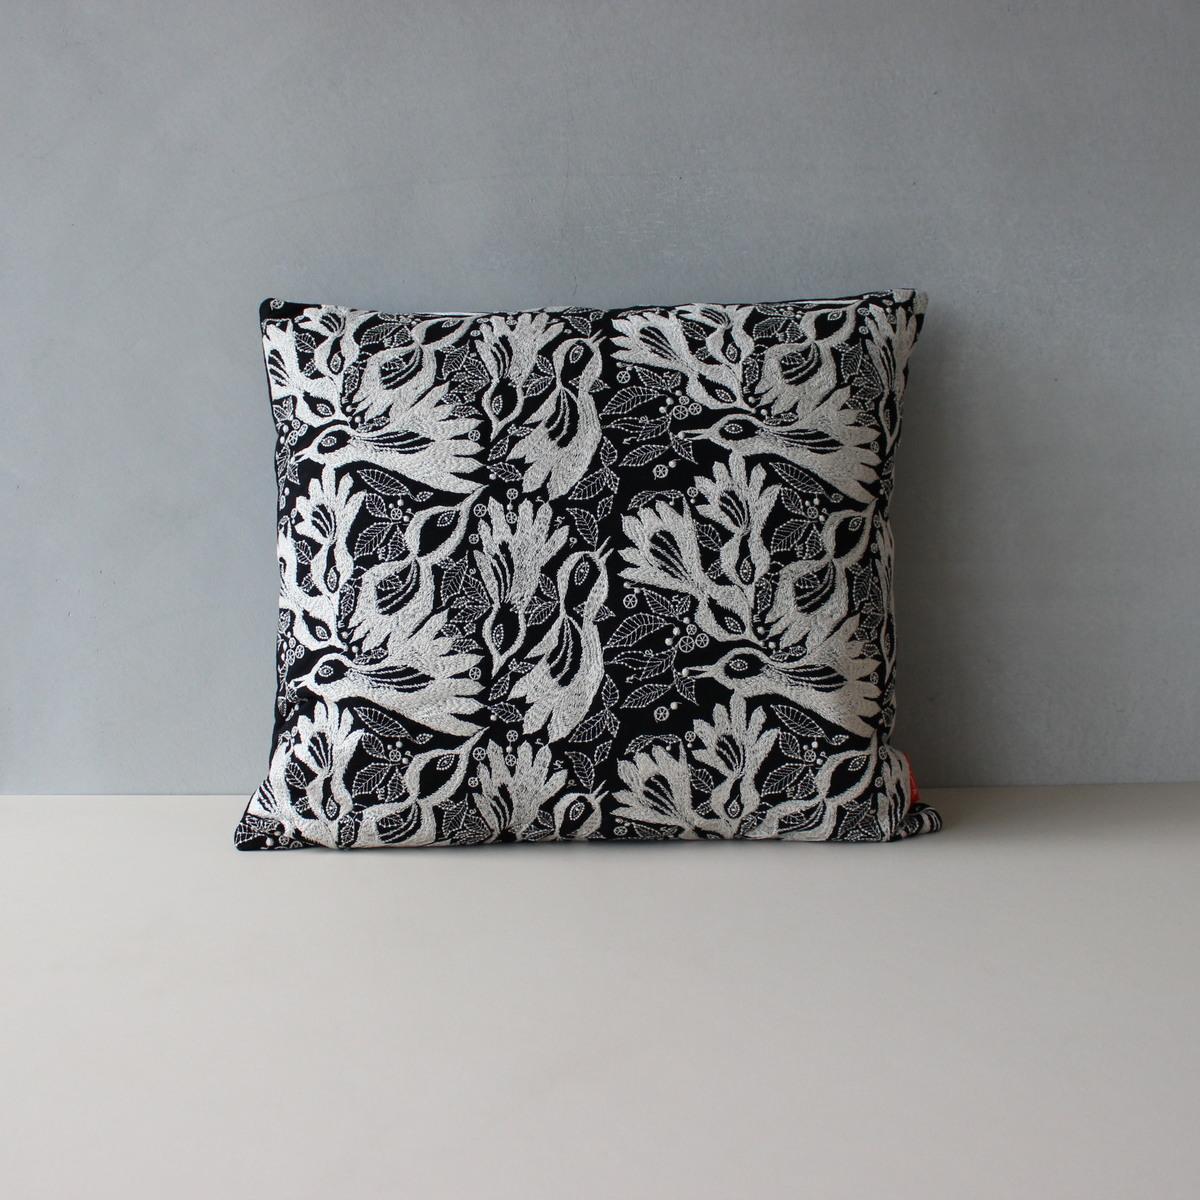 【送料無料】【Akira Minagawa Limited Edition Accessory Collection 2018】 Carnival cushion, 43×48cm 181(ブラック) クッション ミナペルホネン クヴァドラ 皆川明 日本限定30セット